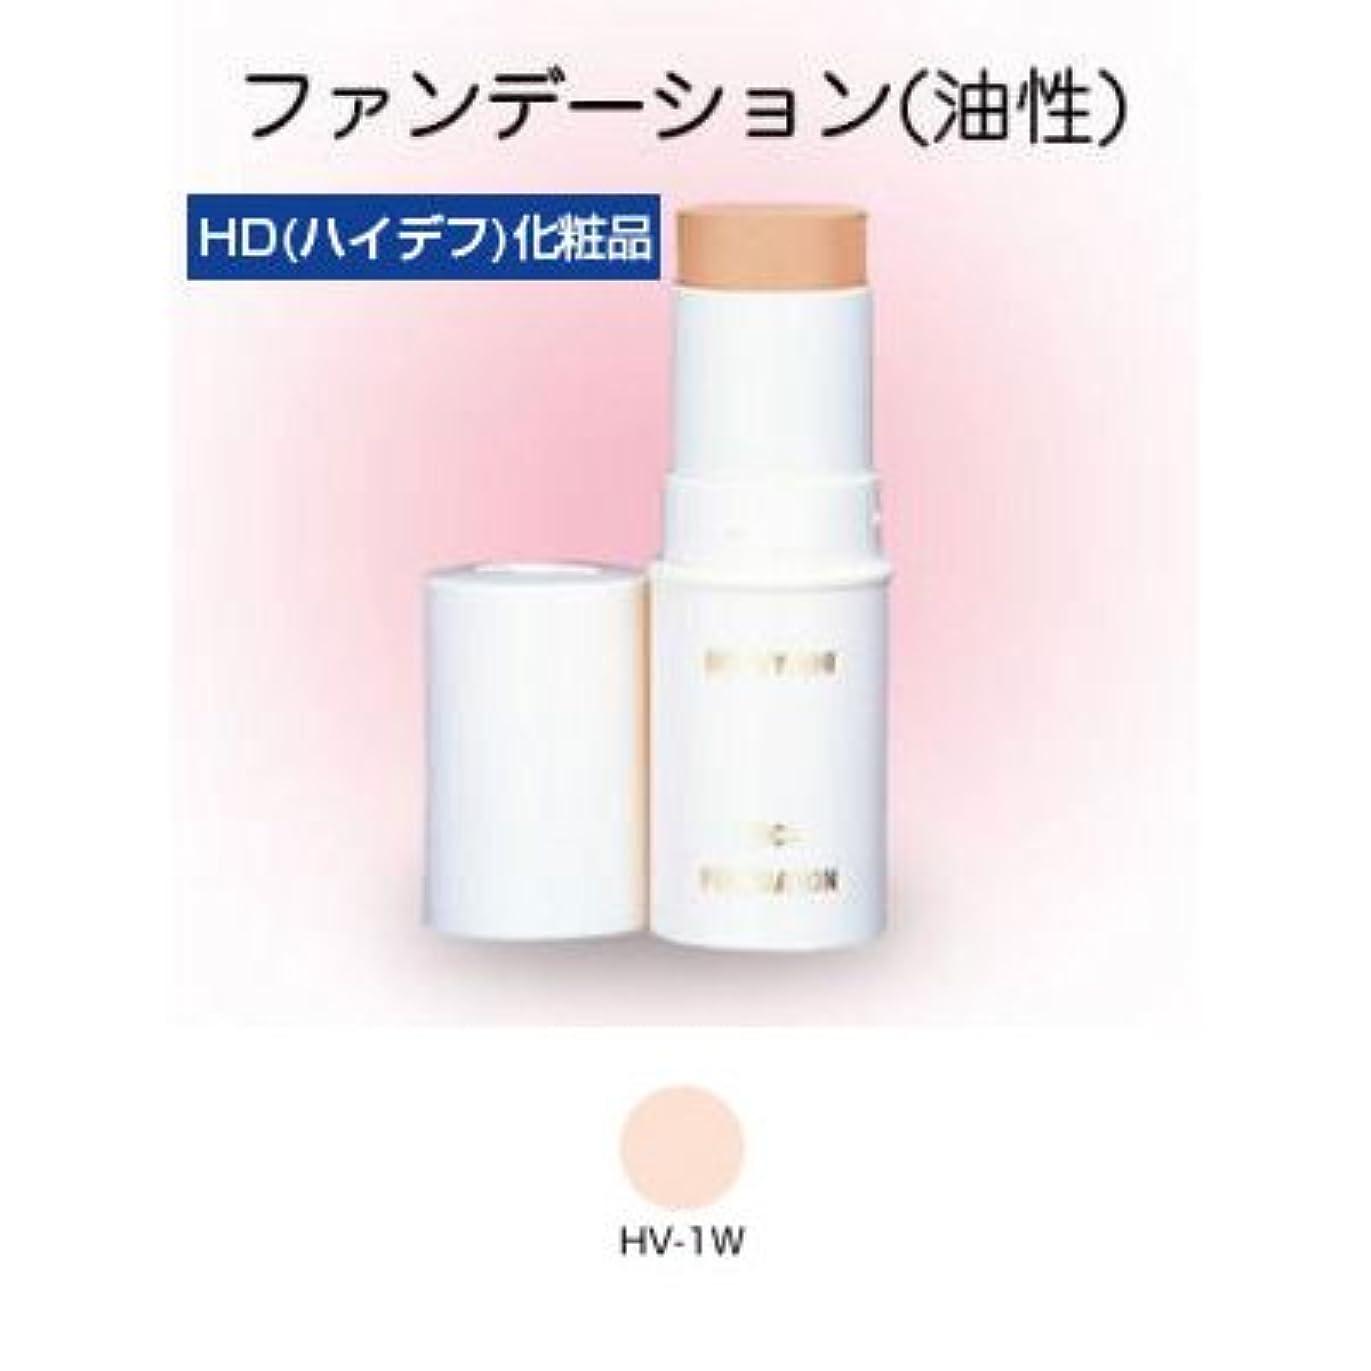 フィッティング再現する監督するスティックファンデーション HD化粧品 17g 1W 【三善】